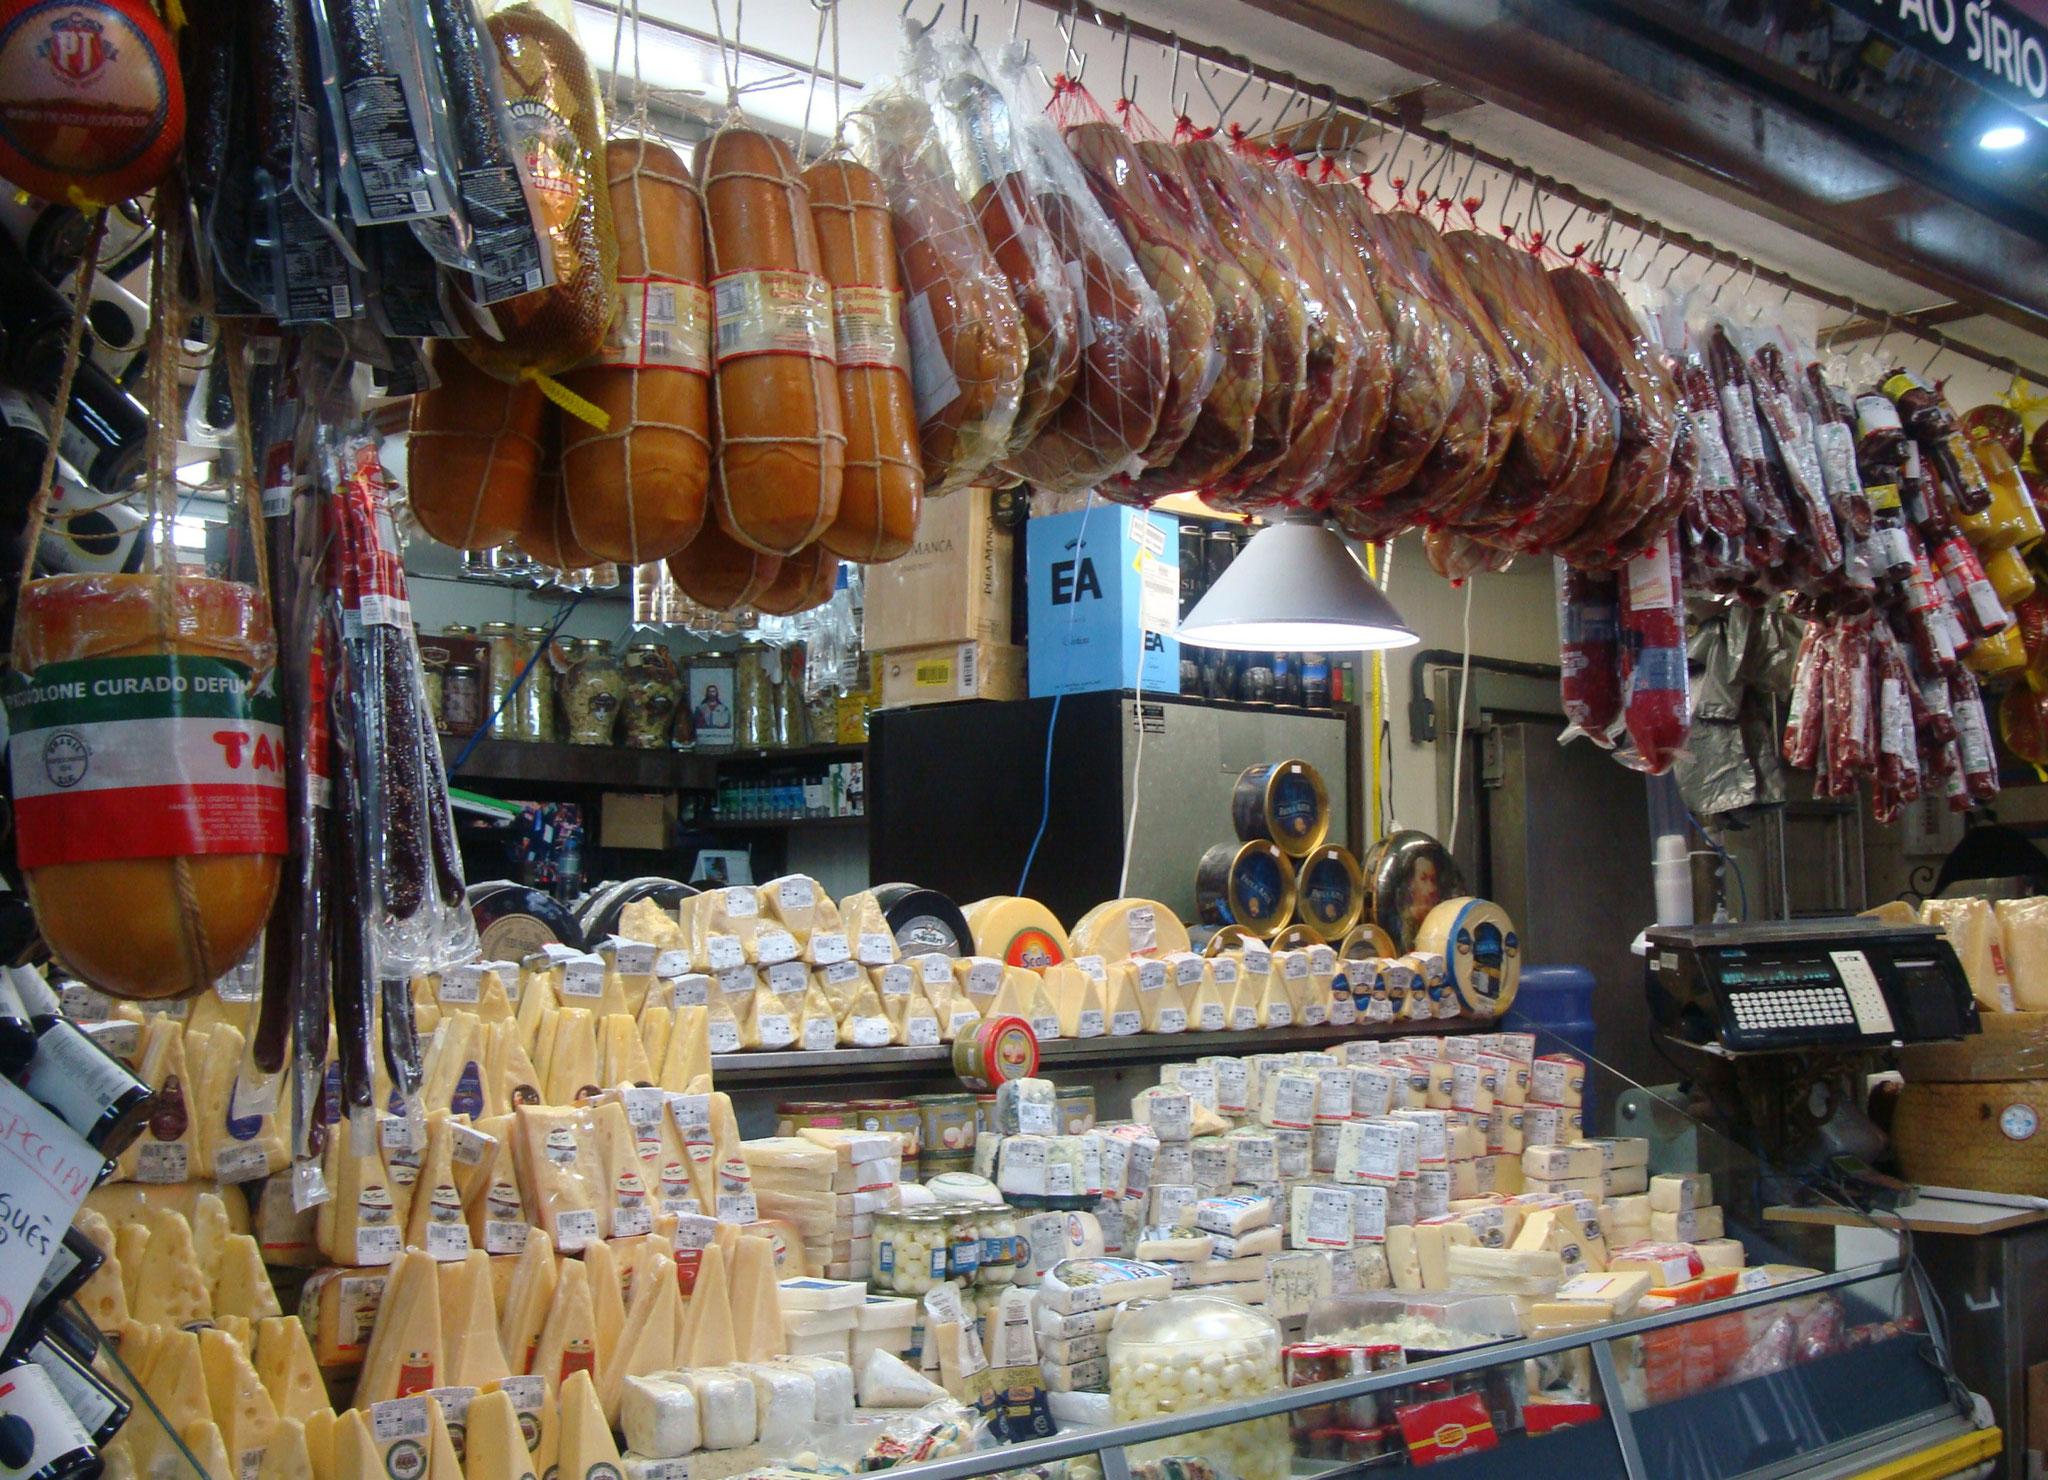 お土産を買いに必ず寄るチーズ屋さんーサンパウロ市場にて